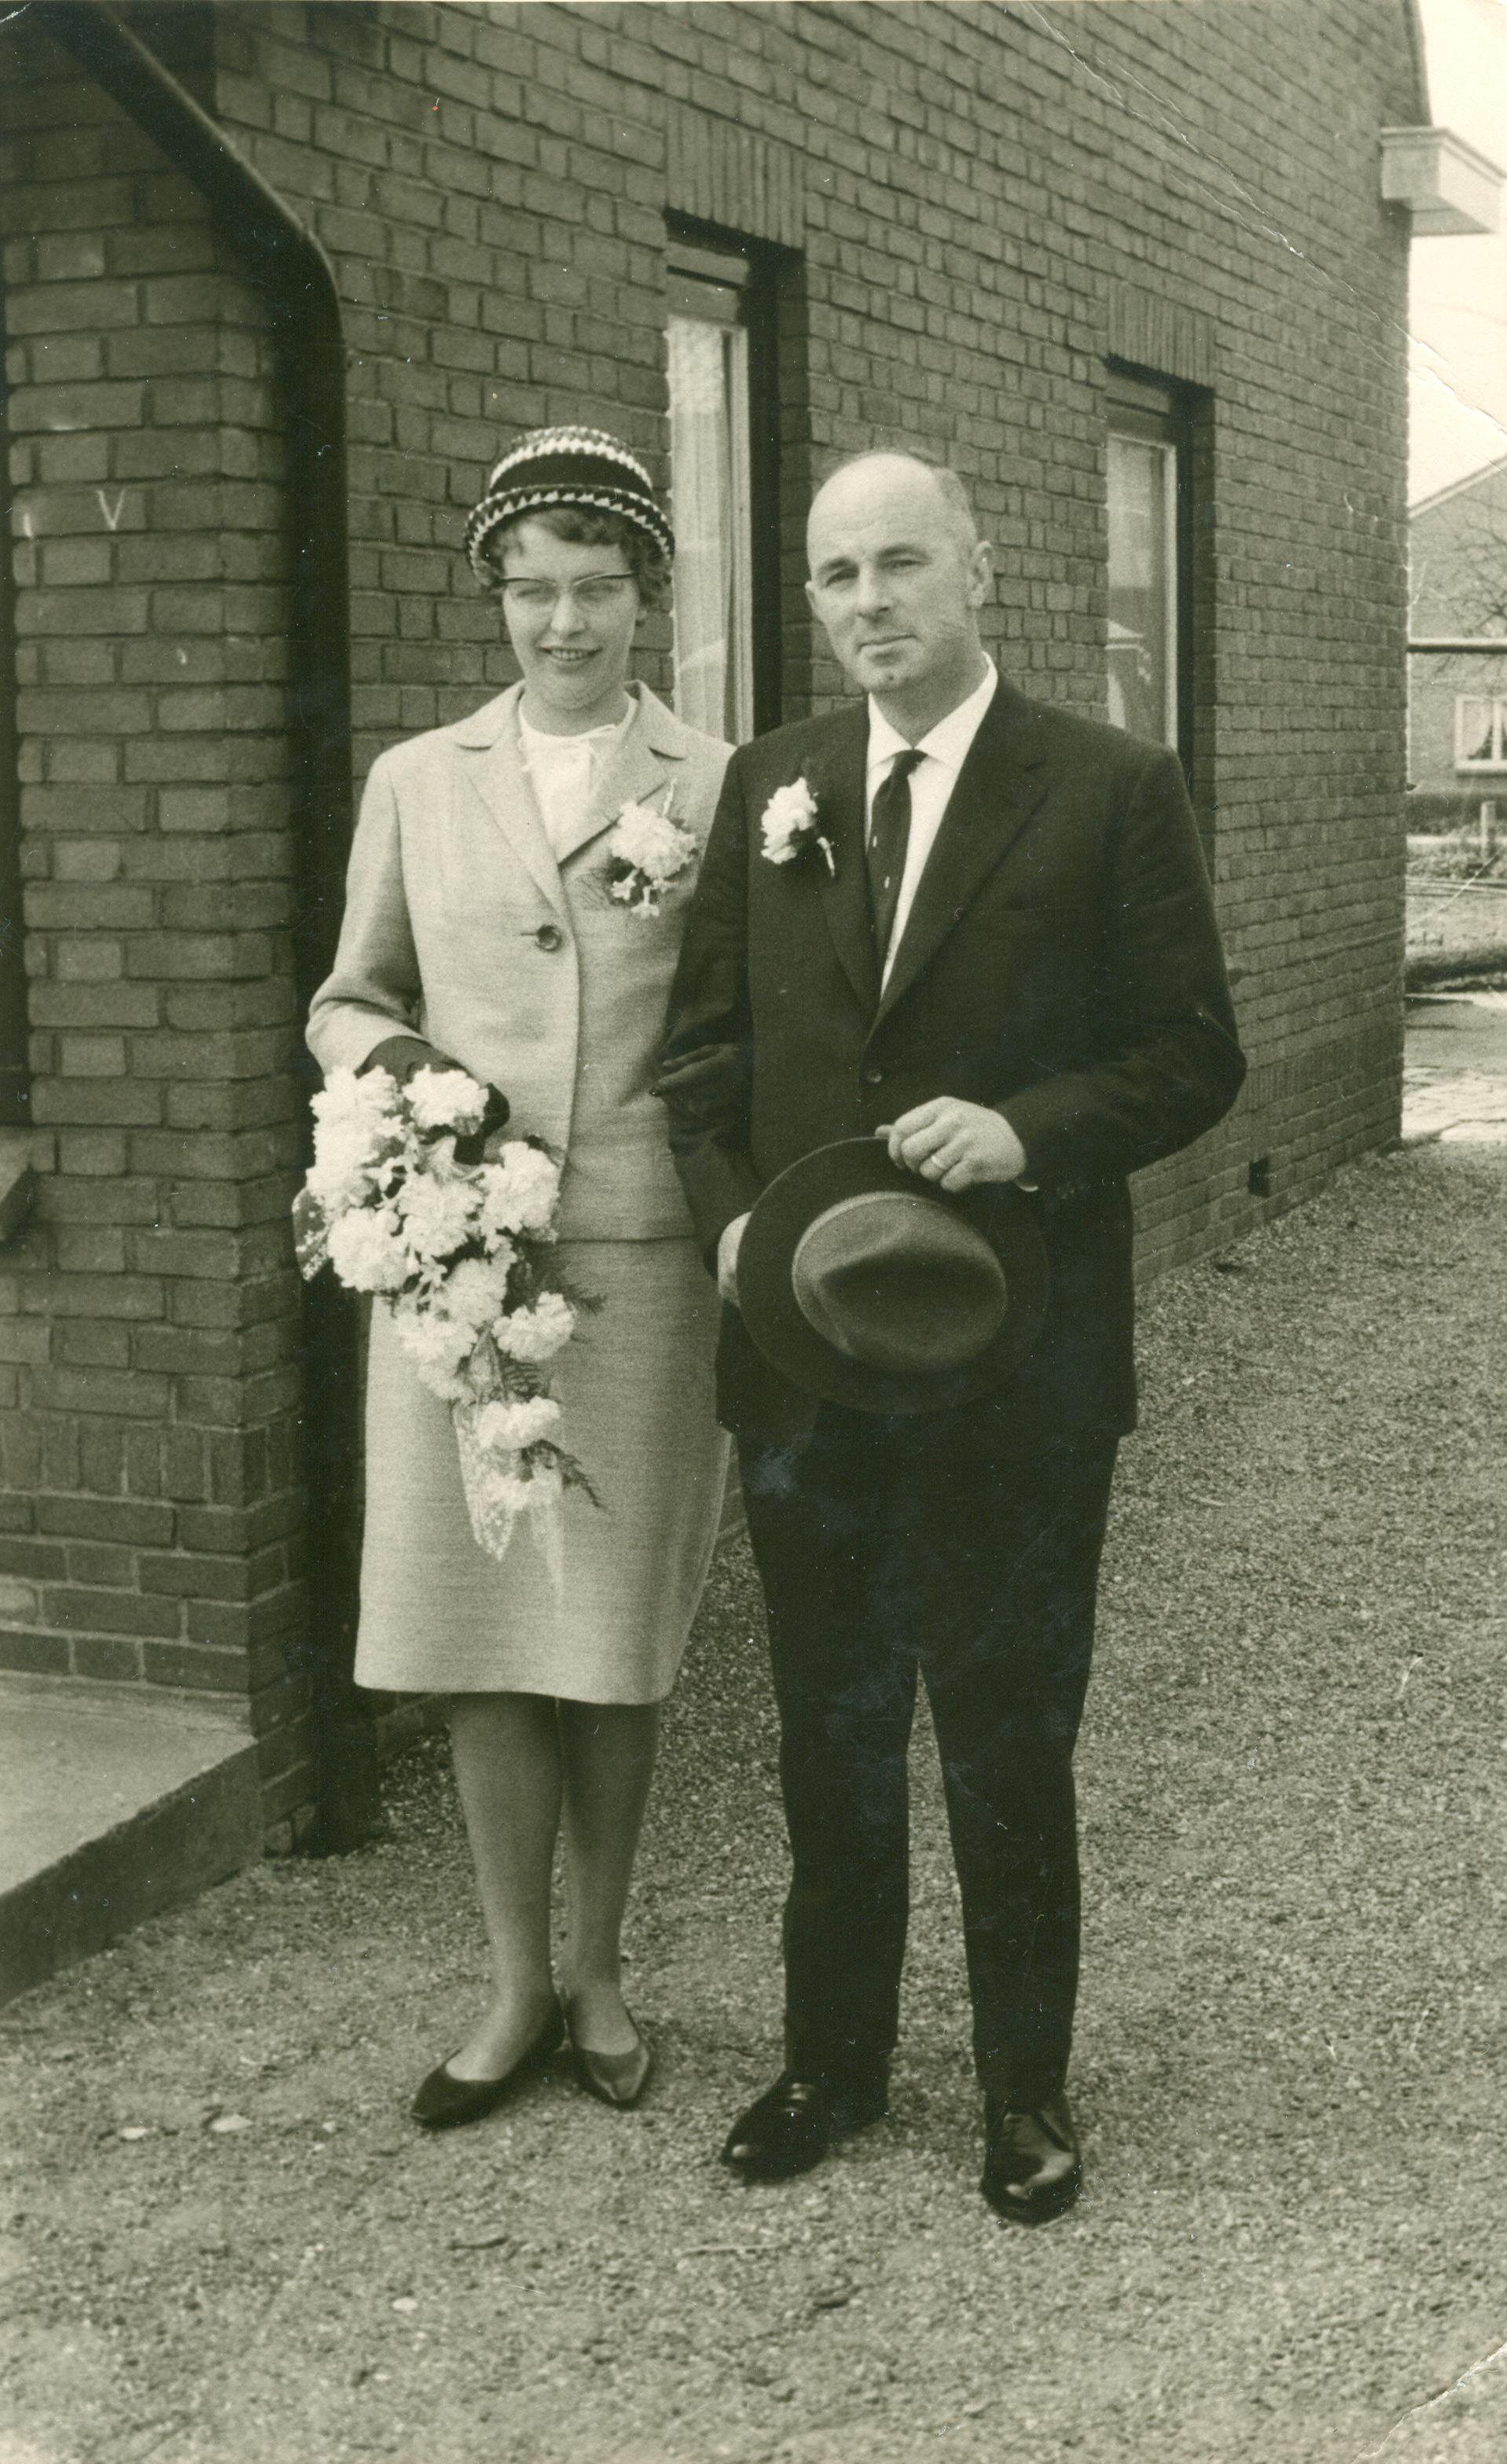 Gerarda Wilhelmina Gaasbeek (1928-2015), Kees Beets (1918-1992)